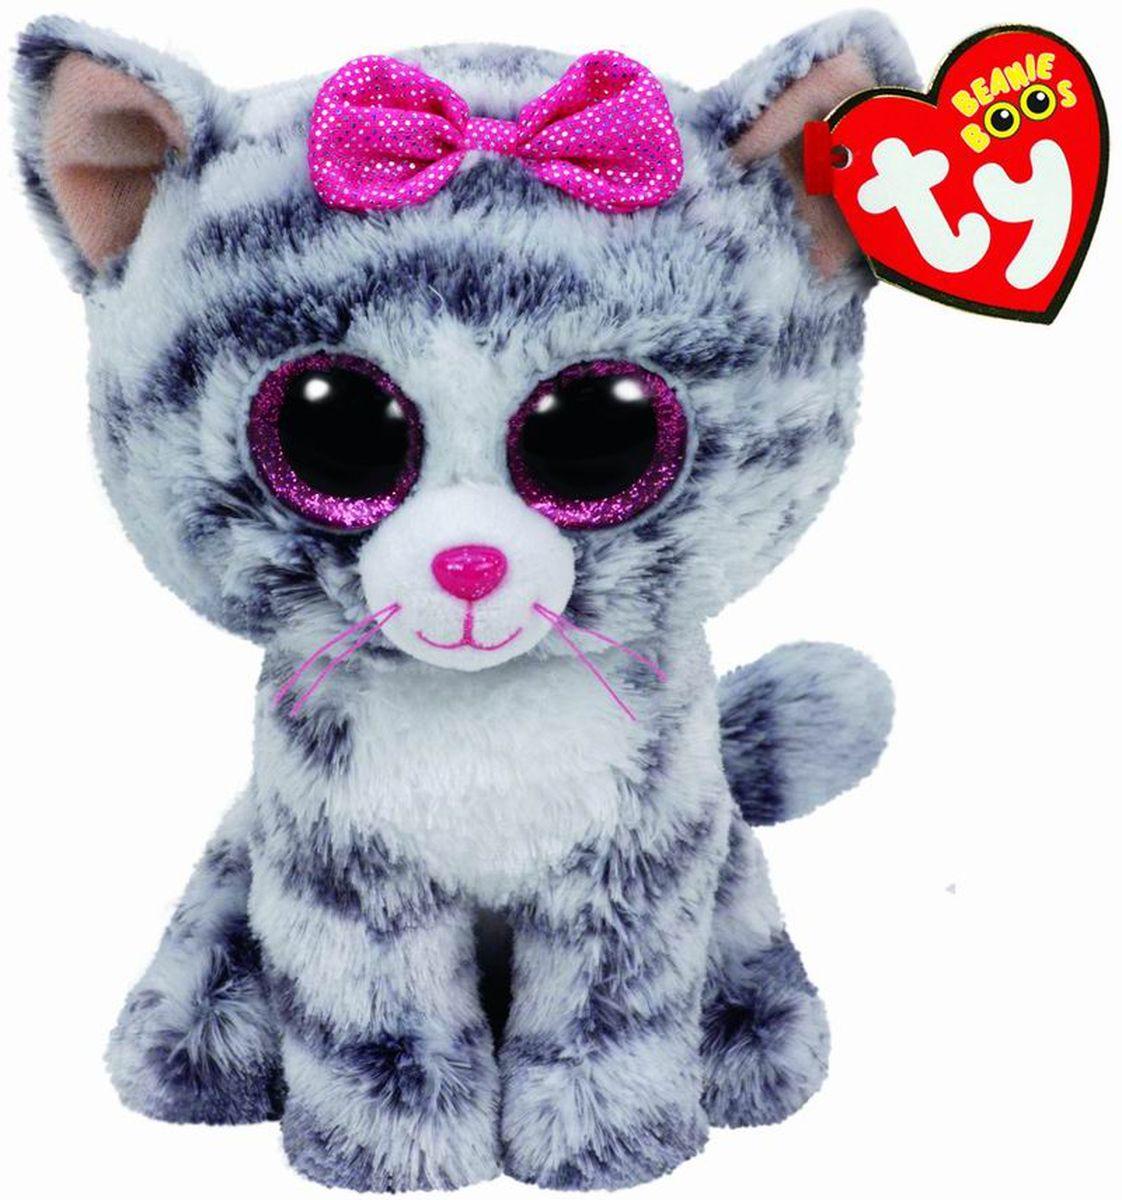 TY Beanie Boos Мягкая игрушка Кошка Kiki цвет серый 15 см37190Мягкая игрушка Beanie Boos Кошка Kiki - это милая игрушка с бантиком, предназначенная для девочек. Такой пушистый зверек может стать питомцем для ребенка и его верным спутником. Котенка можно гладить, обнимать. Кики может быть рядом везде: на прогулке, во время сна или сопровождать девочку в поездке. Игры с мягкими игрушками положительно влияют на развитие фантазии и тактильного восприятия, а также помогают привить детям любовь к животным. Характеристики: Возраст: От 3 лет. В комплект входит: кошка серая. Размер игрушки: 15 x 8 x 6 см. Вид упаковки: ярлык. Из чего сделана игрушка (состав): искусственный мех, Текстиль, Пластик.